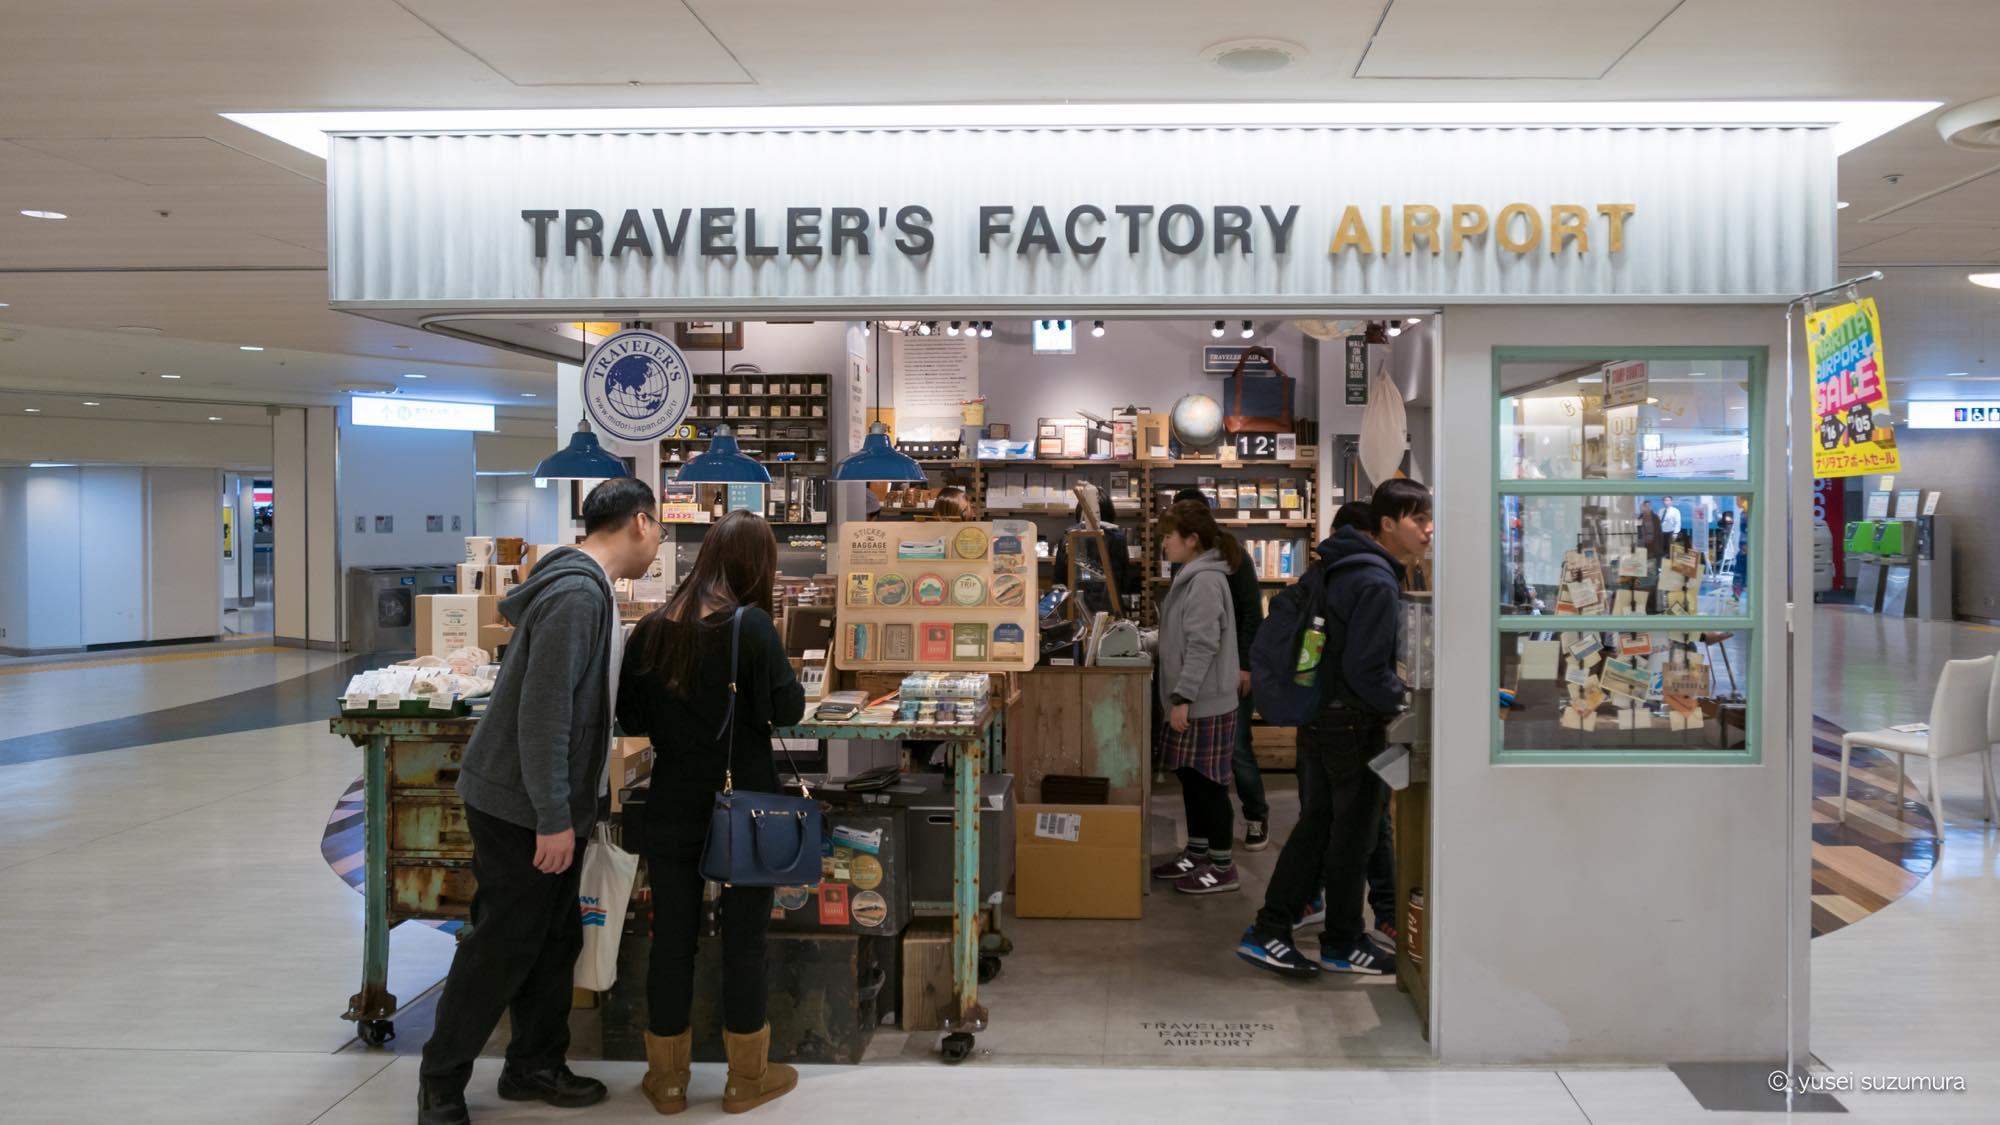 出国前にお立ち寄りを!成田空港のトラベラーズファクトリーに心惹かれる。